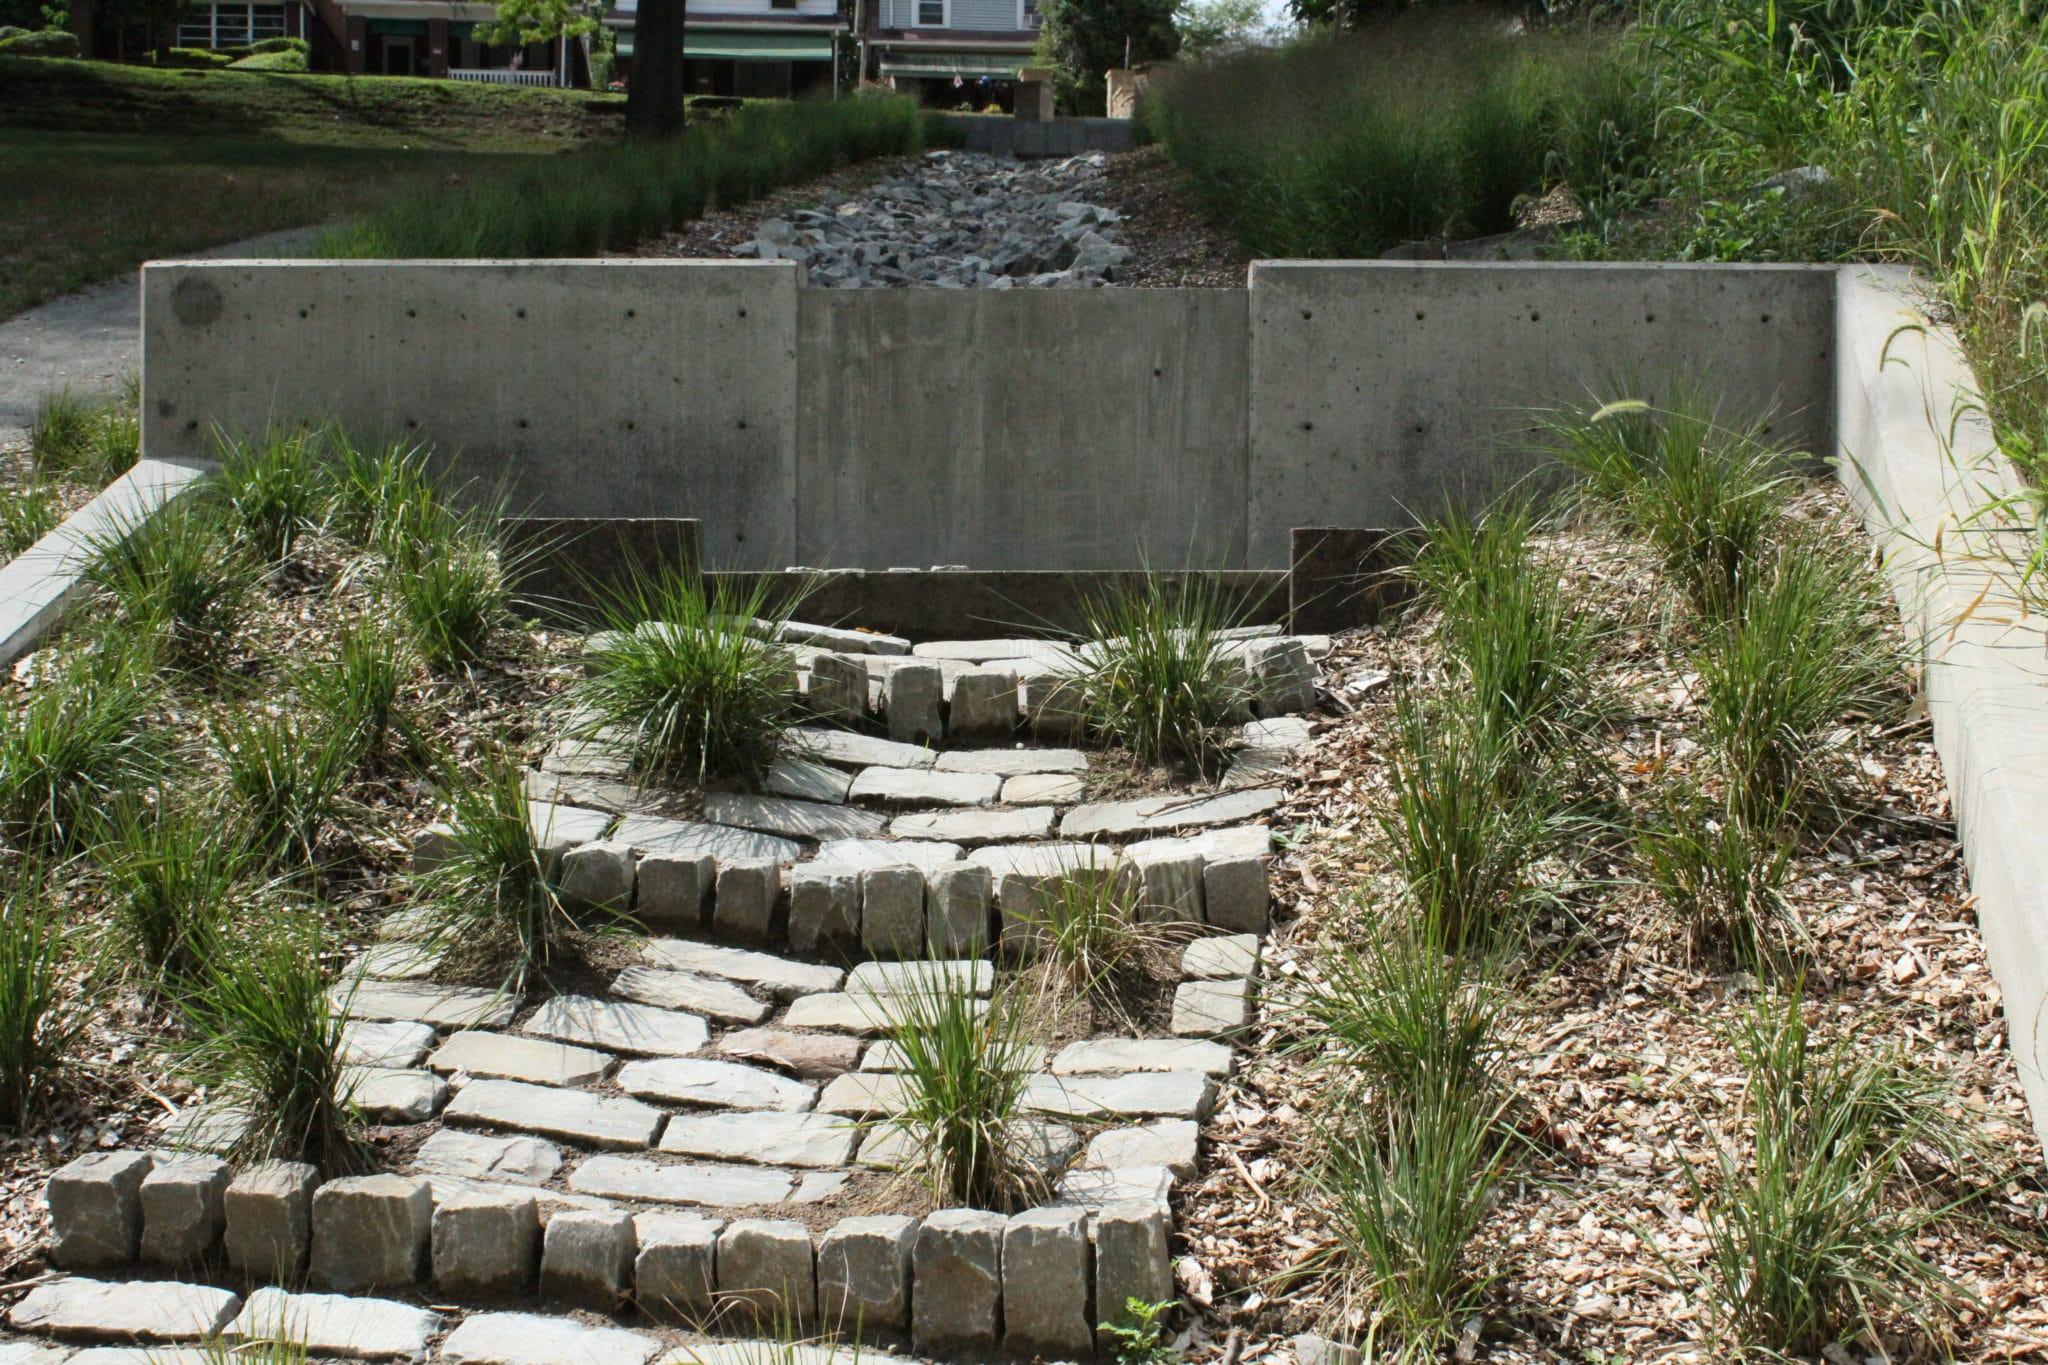 McKinley Park grass and bricks